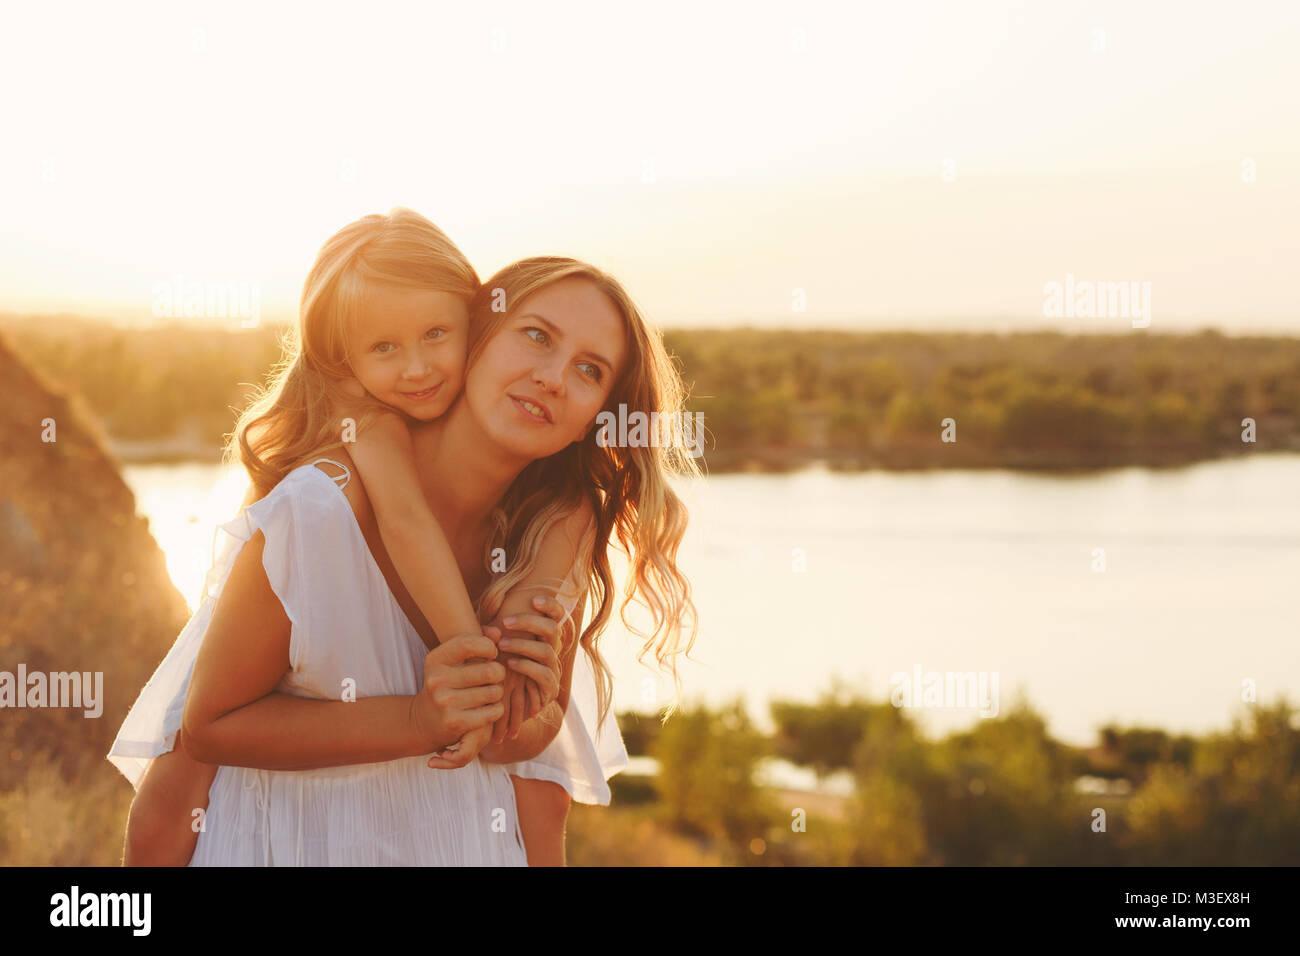 La familia, la madre y la hija en el banco del río. Una niña lleva a su hija sobre los hombros de un piggyback. Imagen De Stock